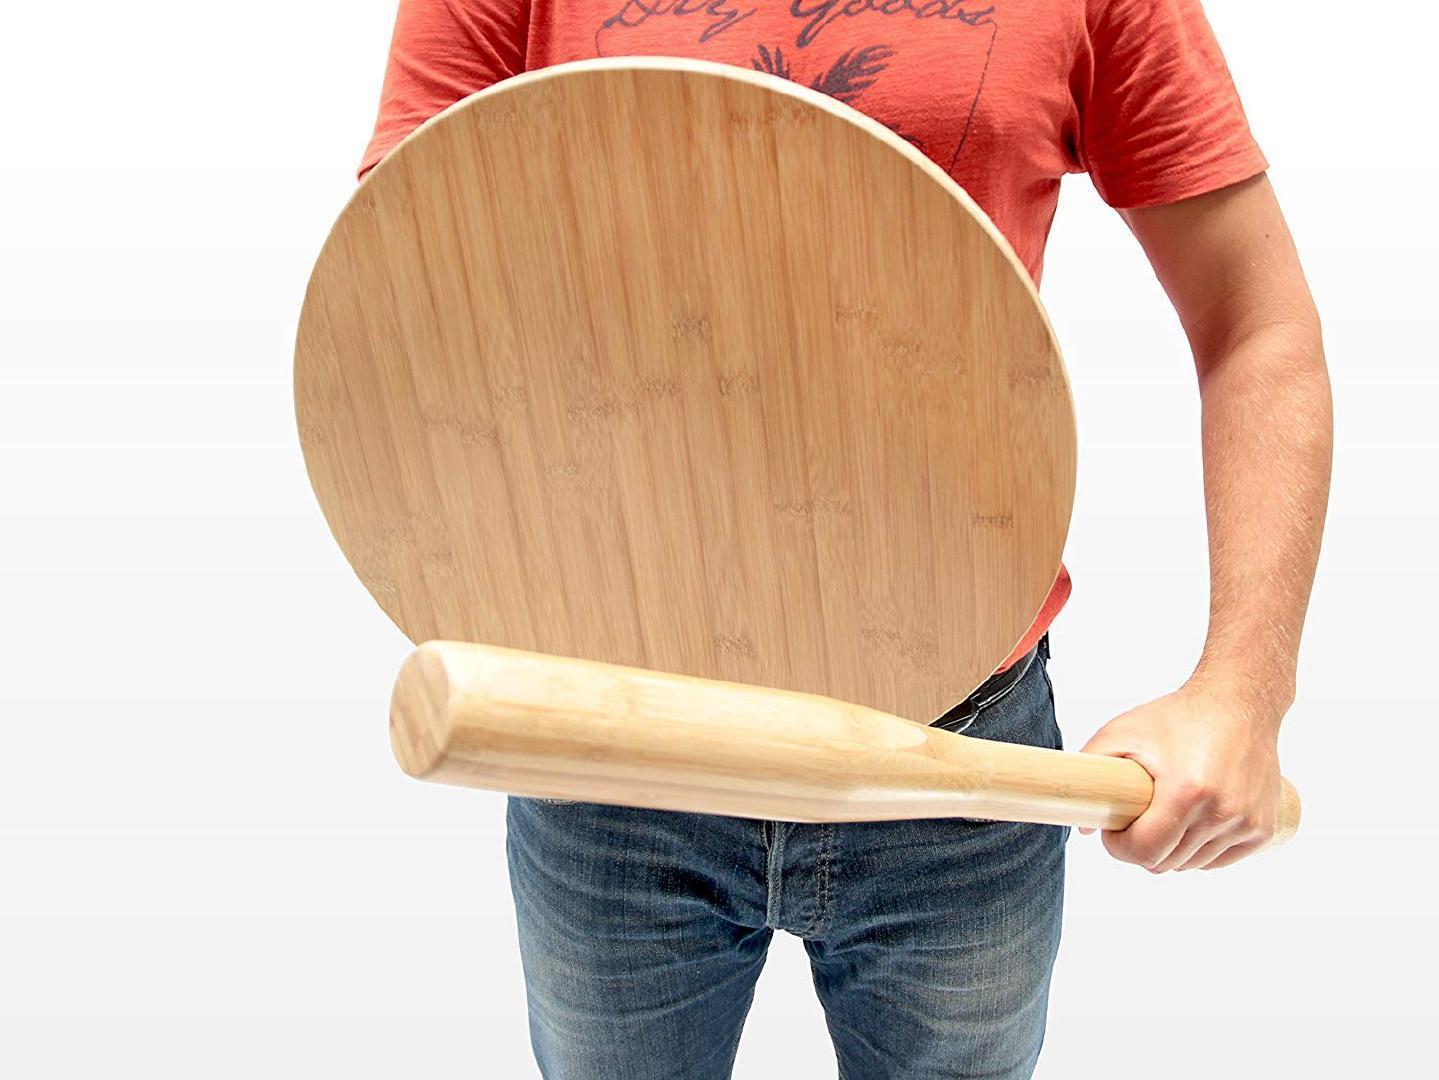 亚马逊上卖的这么一个床头桌,感觉很好笑,但很实用啊 趣事儿 第3张